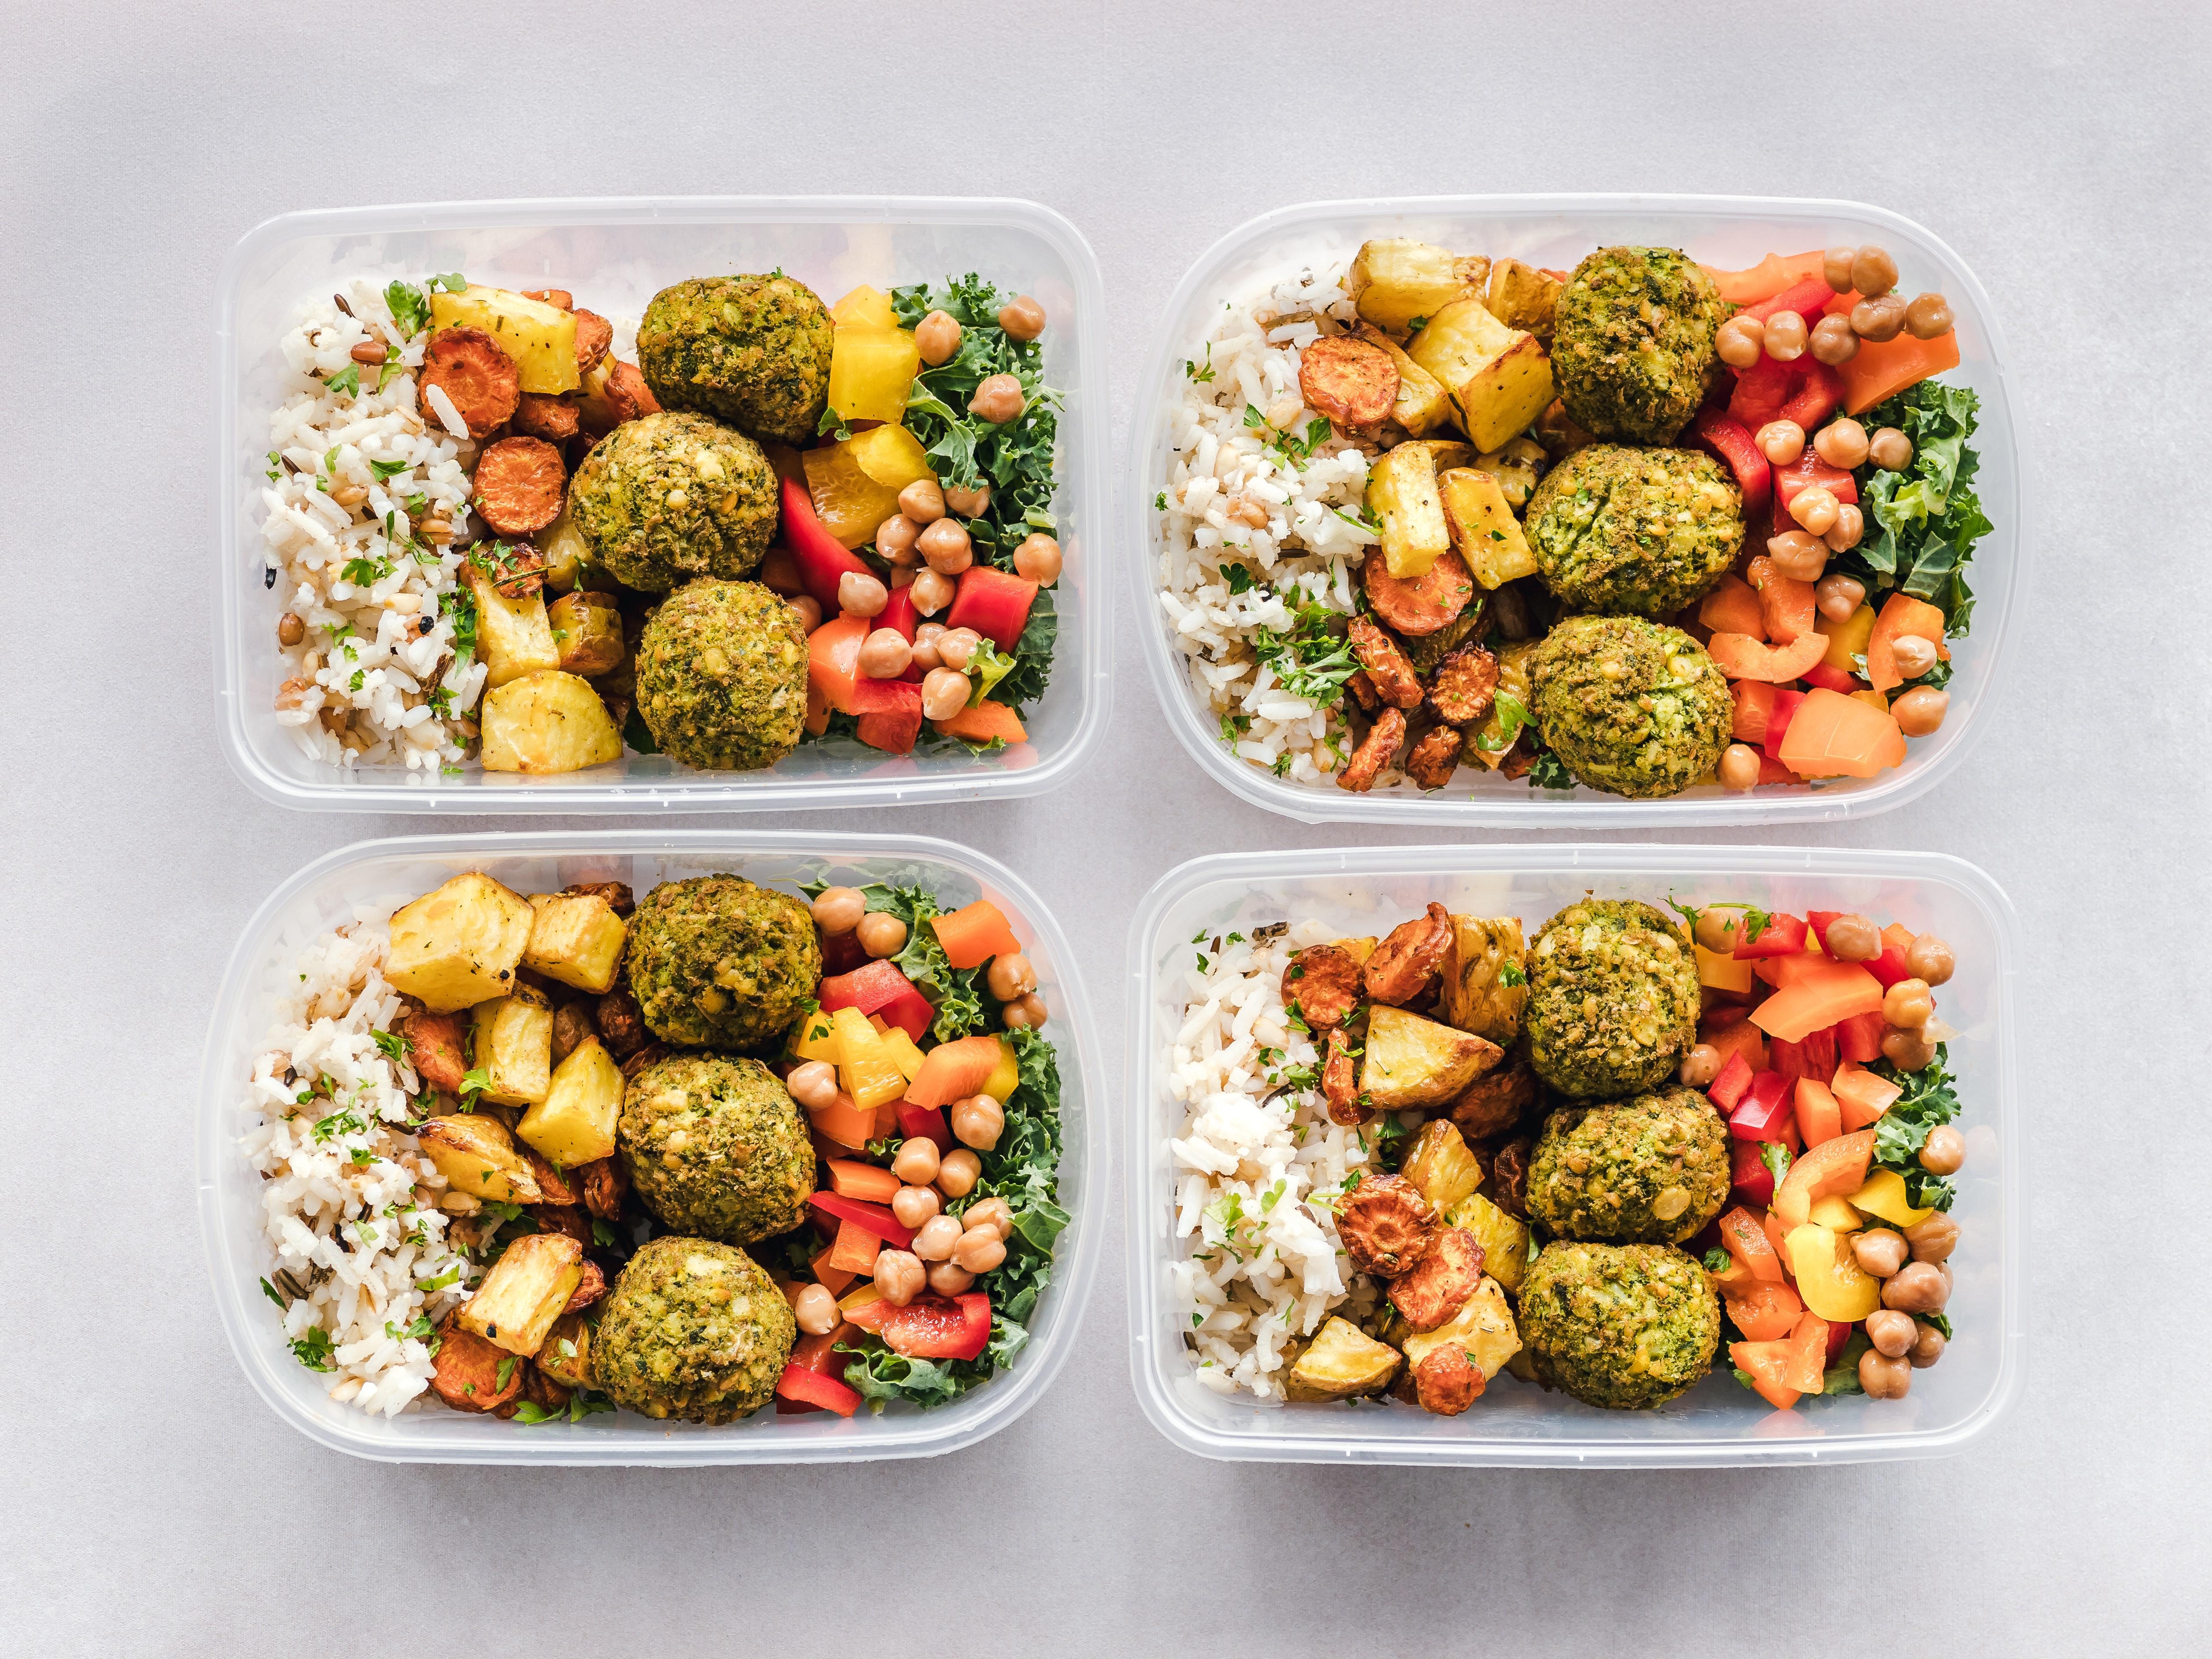 una dieta vegana equilibrata